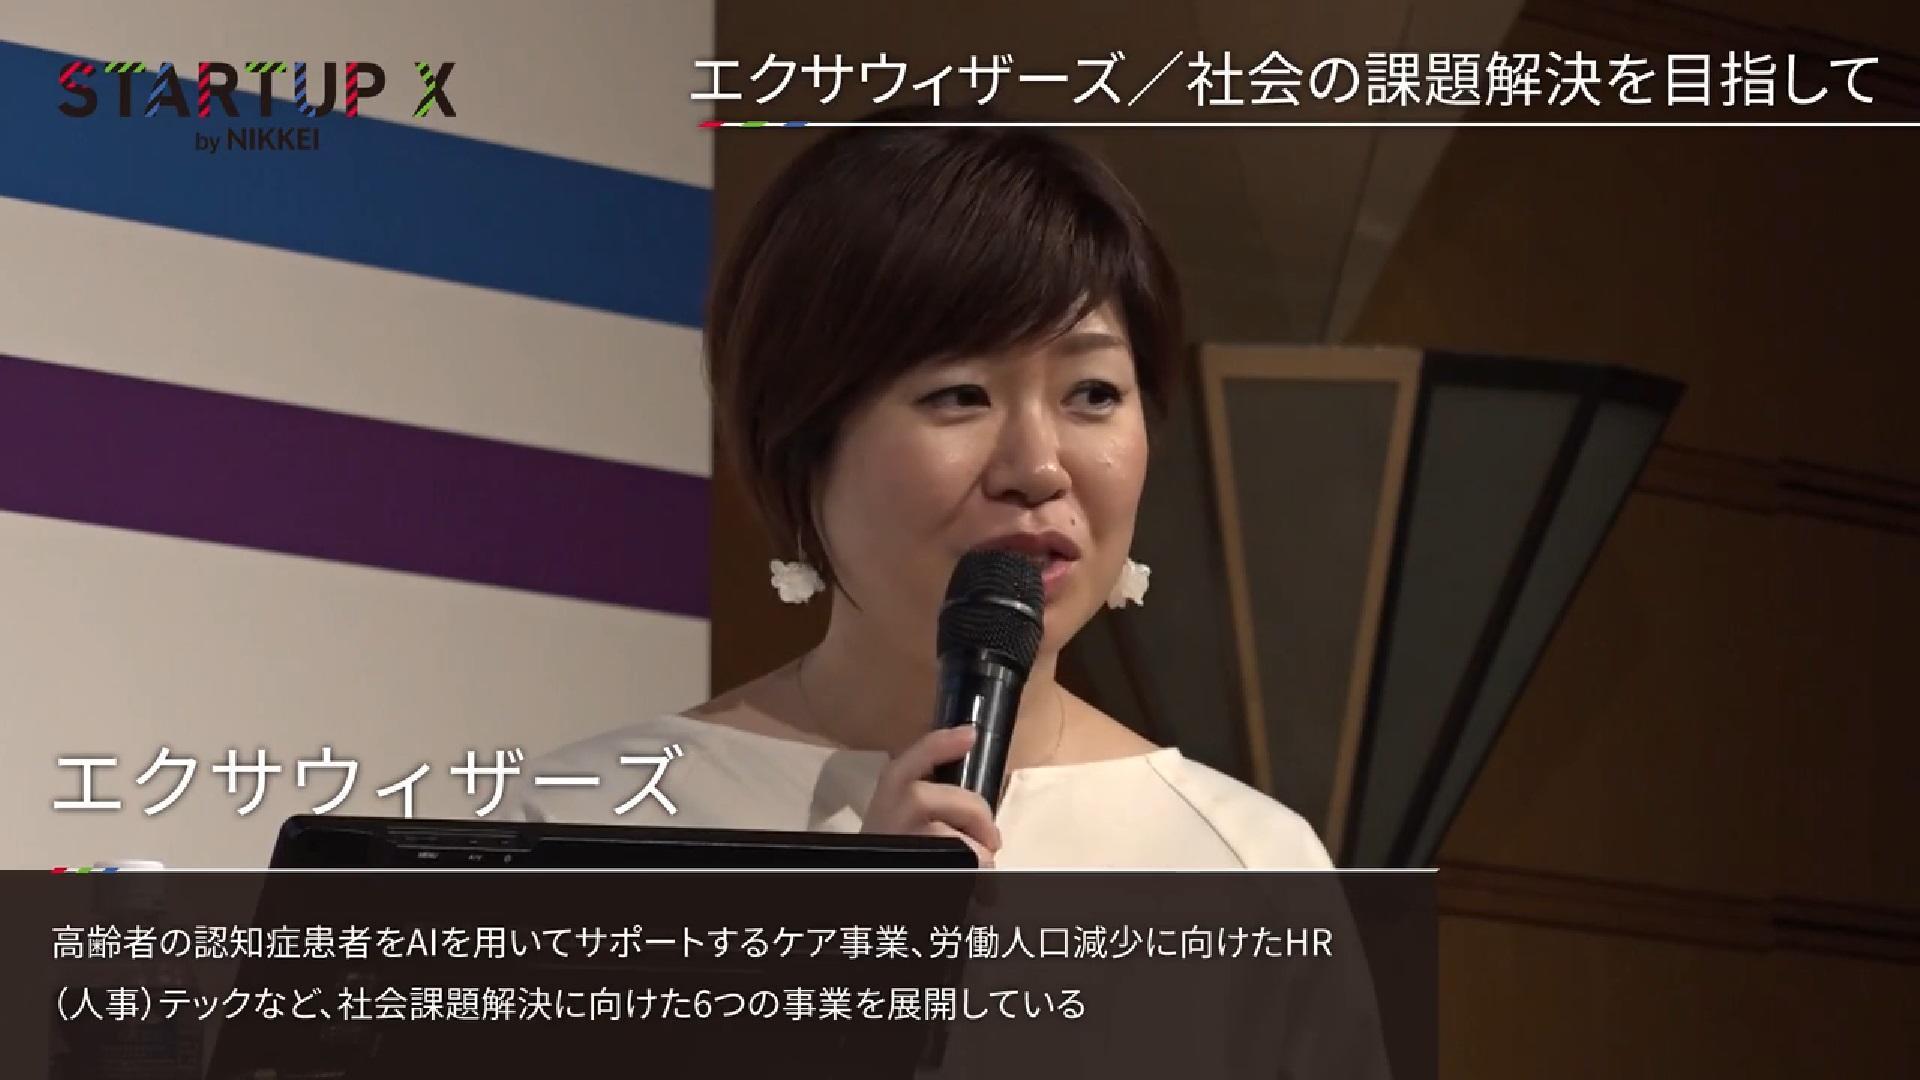 20180118_nikkeistartupx_11.jpg